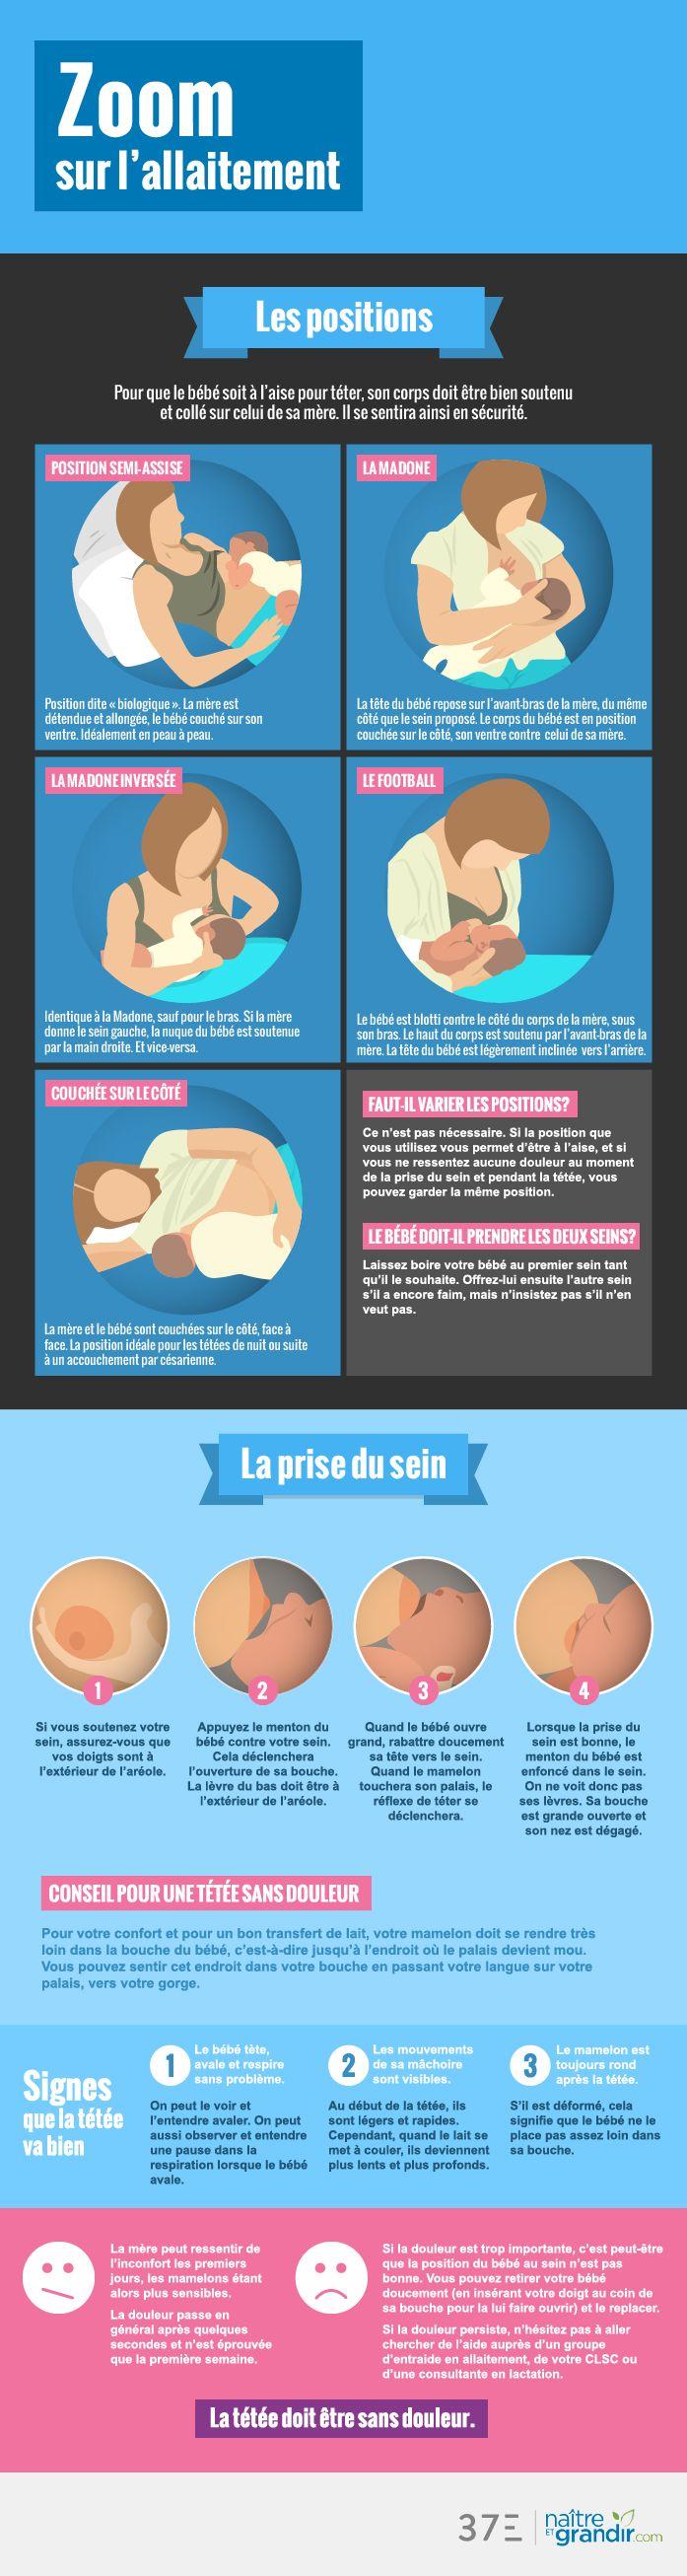 L'allaitement est un apprentissage autant pour bébé que pour maman. Nos conseils pour bien débuter.